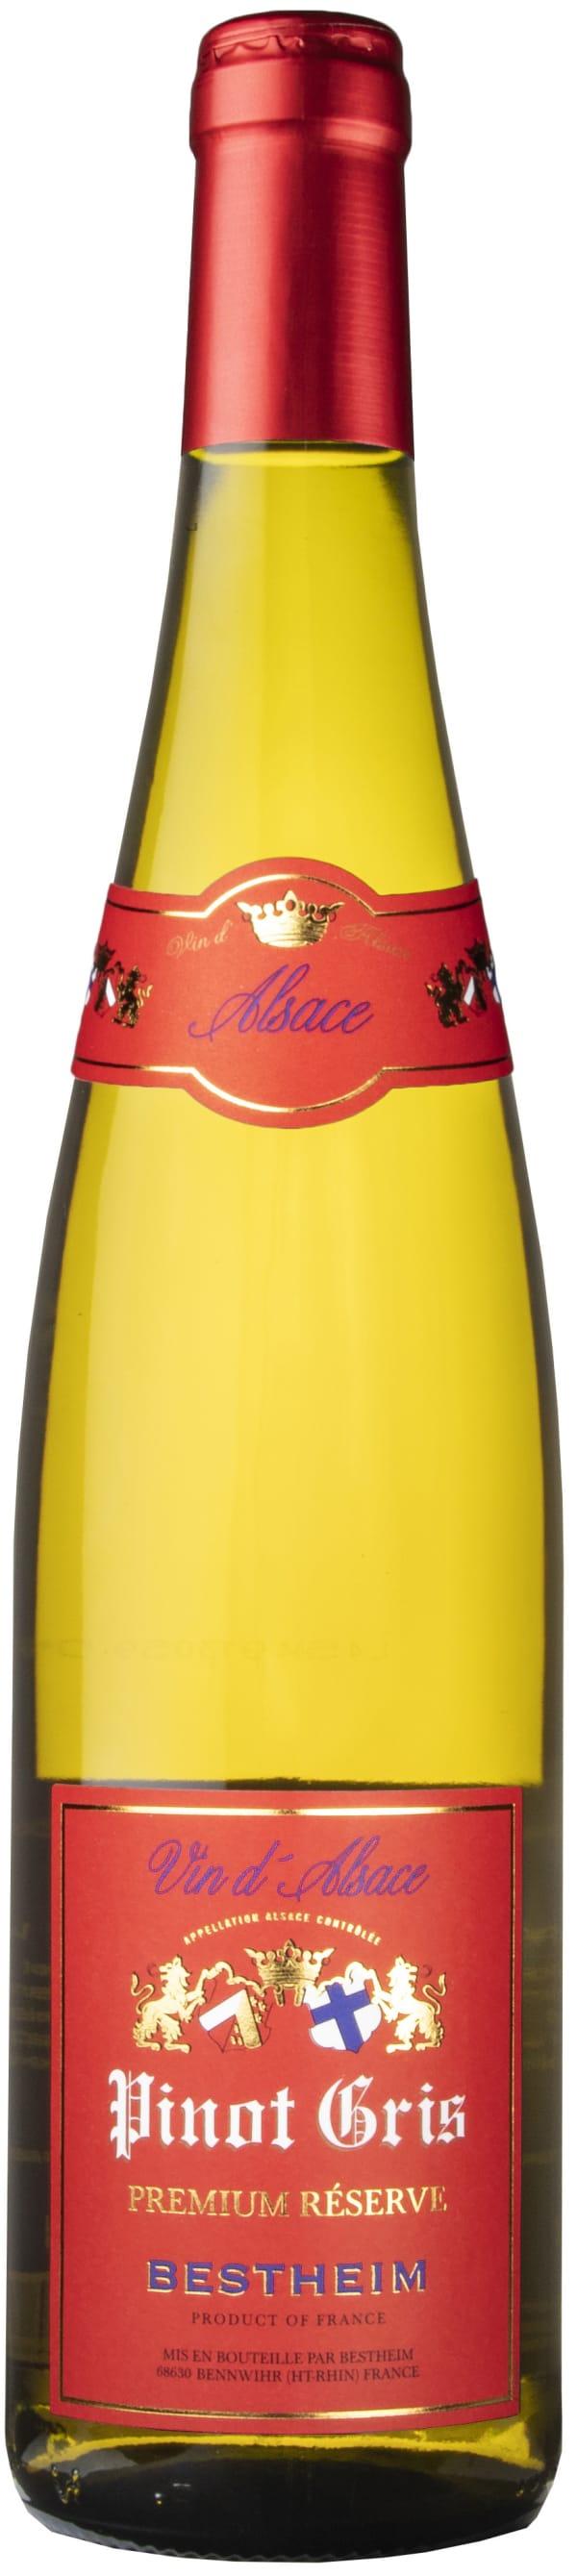 Bestheim Pinot Gris Premium Réserve    2016